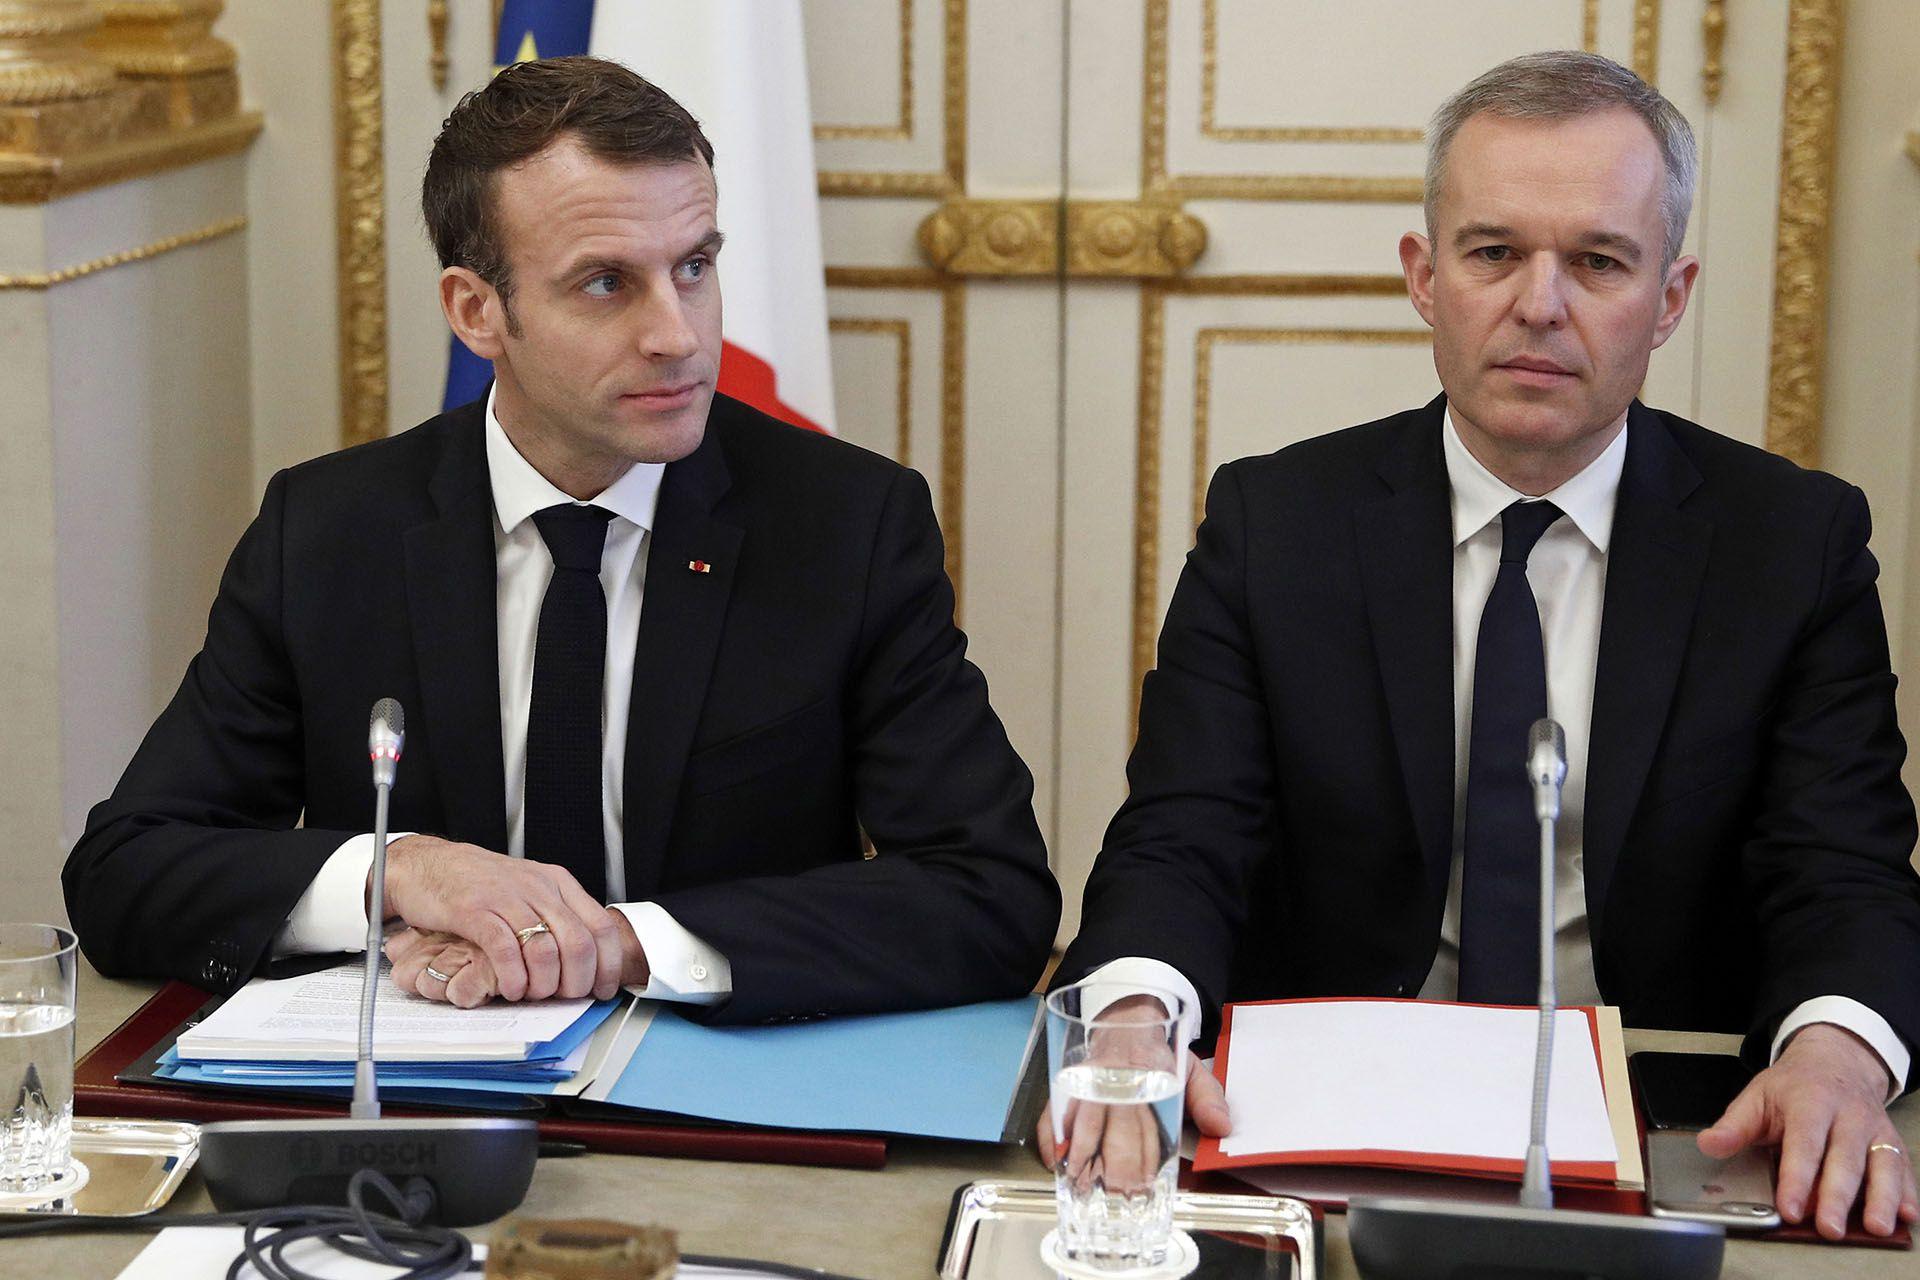 En esta foto de archivo tomada el 10 de diciembre de 2018, el presidente francés Emmanuel Macron (izq.) y el ministro francés de Ecología, Francois de Rugy, se reúnen con representantes de sindicatos, organizaciones patronales y funcionarios locales (Foto de Yoan VALAT / POOL / AFP)